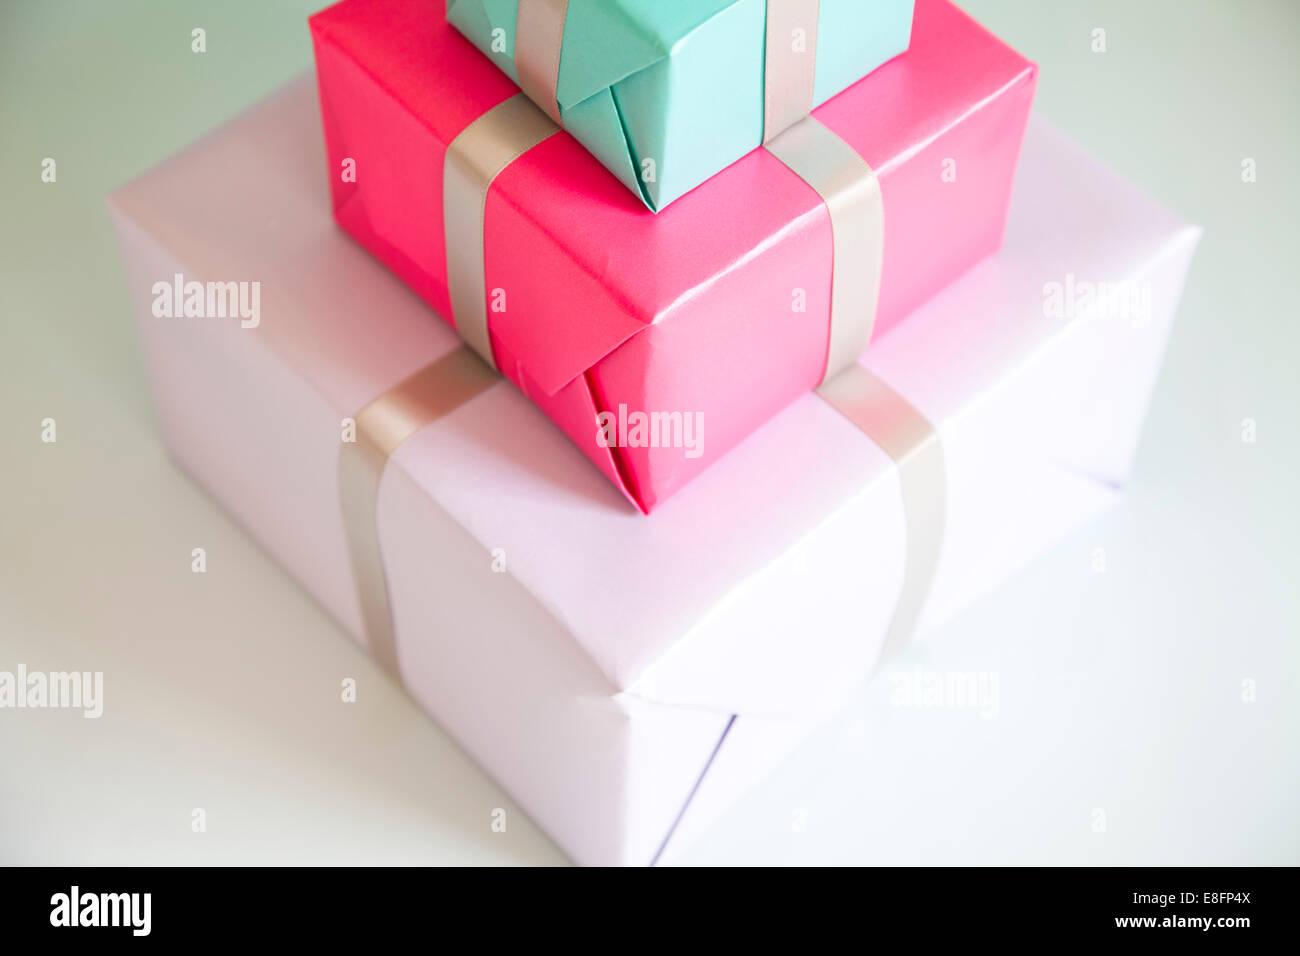 Stapel von drei verpackte Geschenke Stockbild